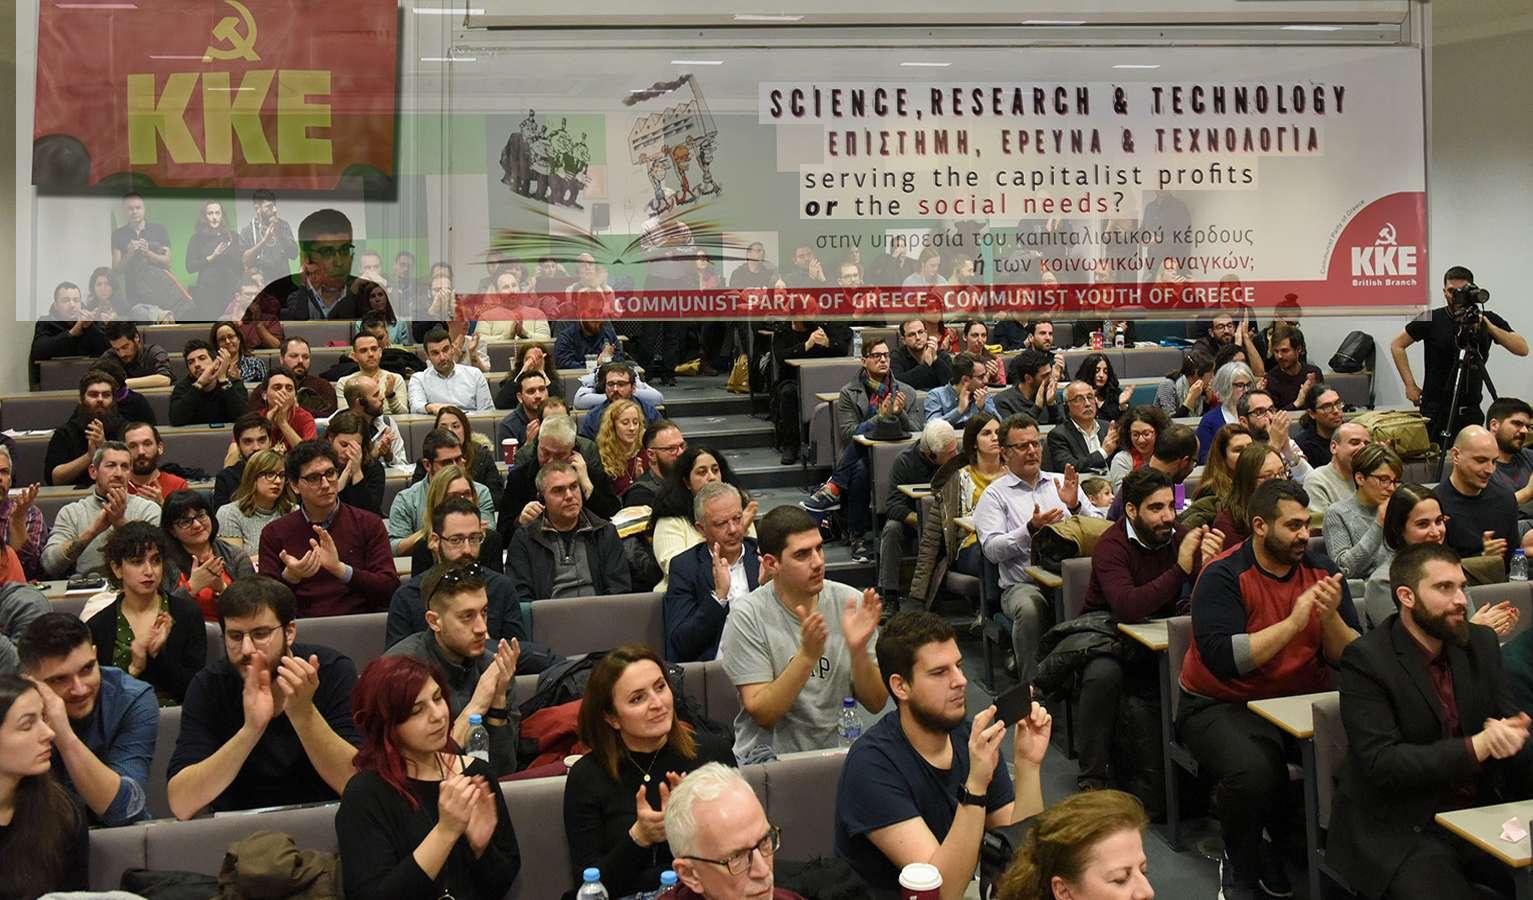 Λονδίνο Επιστήμη Έρευνα στην υπηρεσία των λαϊκών αναγκών όχι του καπιταλιστικού κέρδους